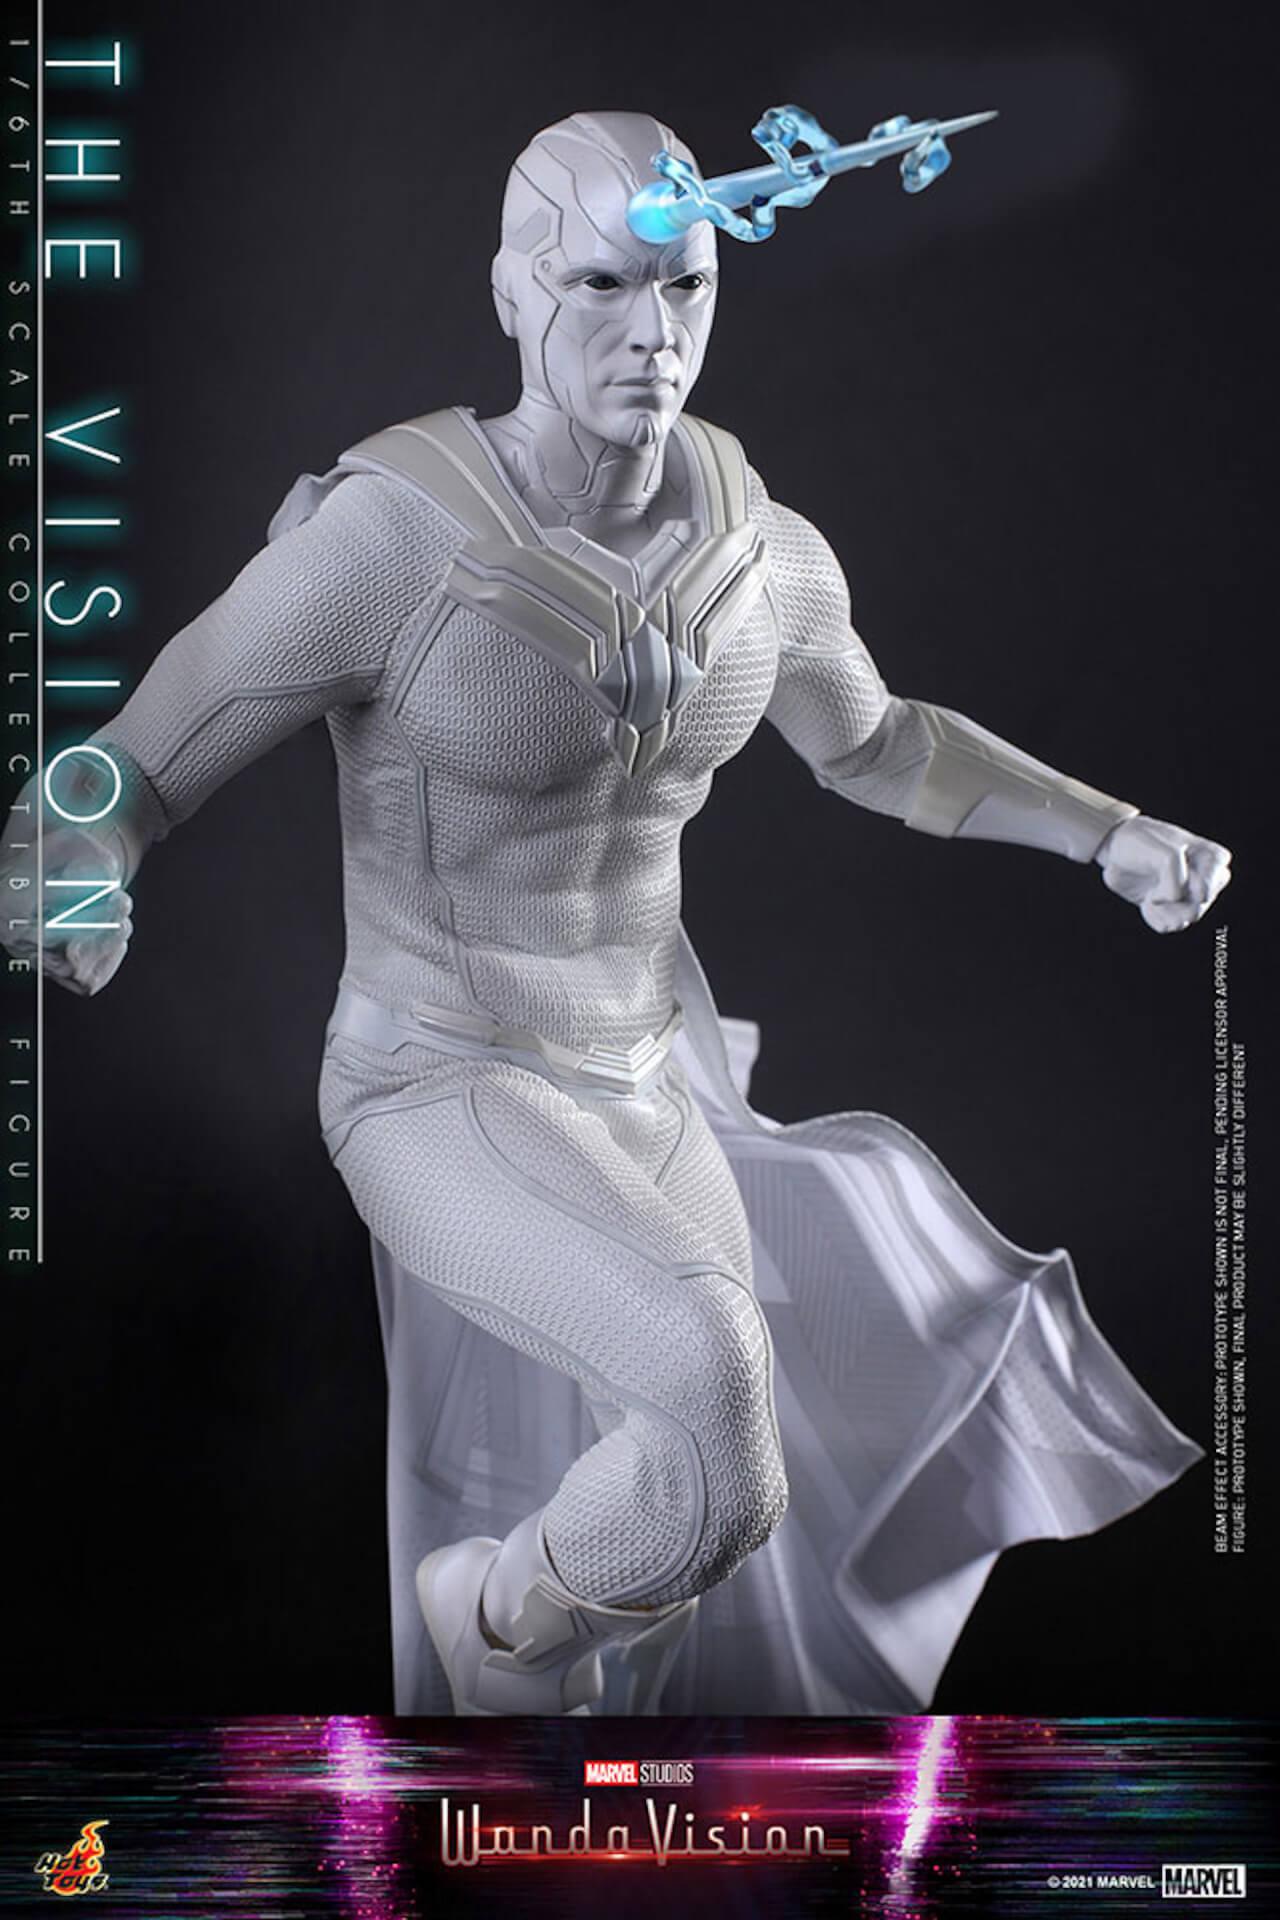 マーベル・スタジオ『ワンダヴィジョン』のザ・ヴィジョンが超リアルなフィギュアになって登場!ホットトイズから発売決定 art210706_thevision_hottoys_5